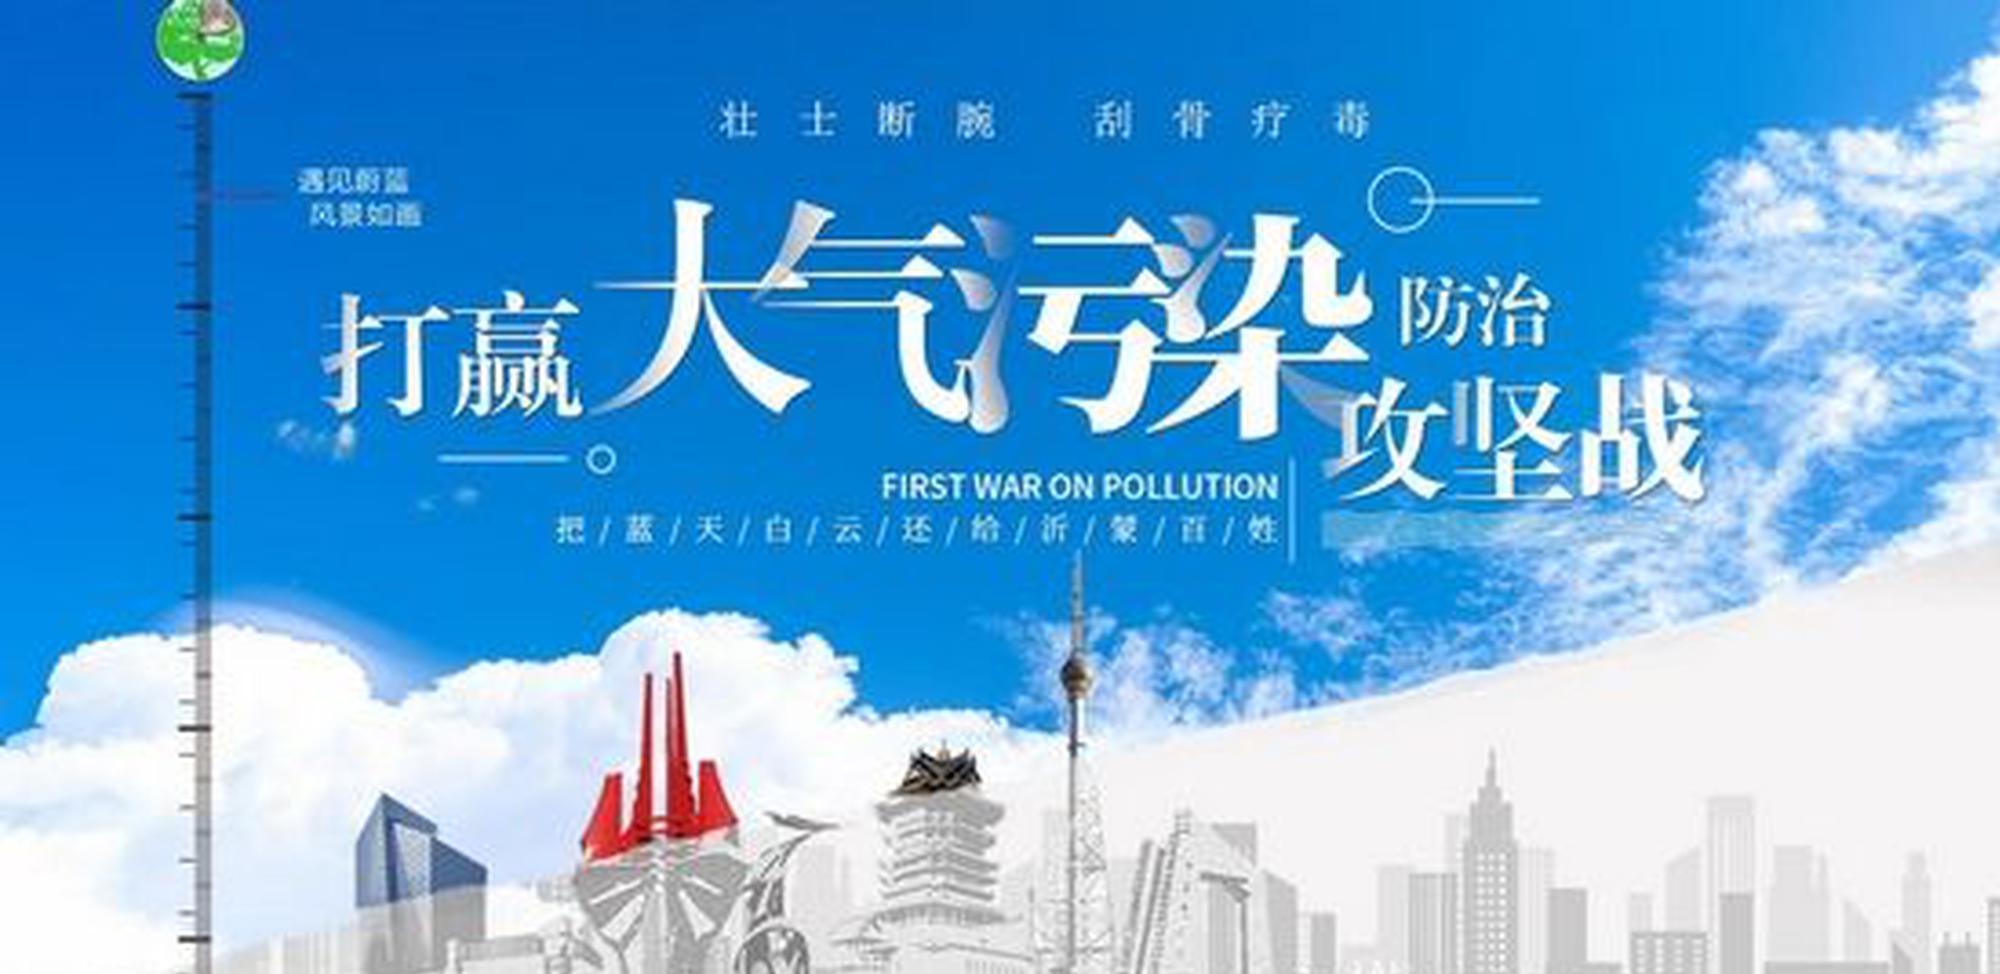 山西省召开污染防治攻坚战收官专项督察动员部署会